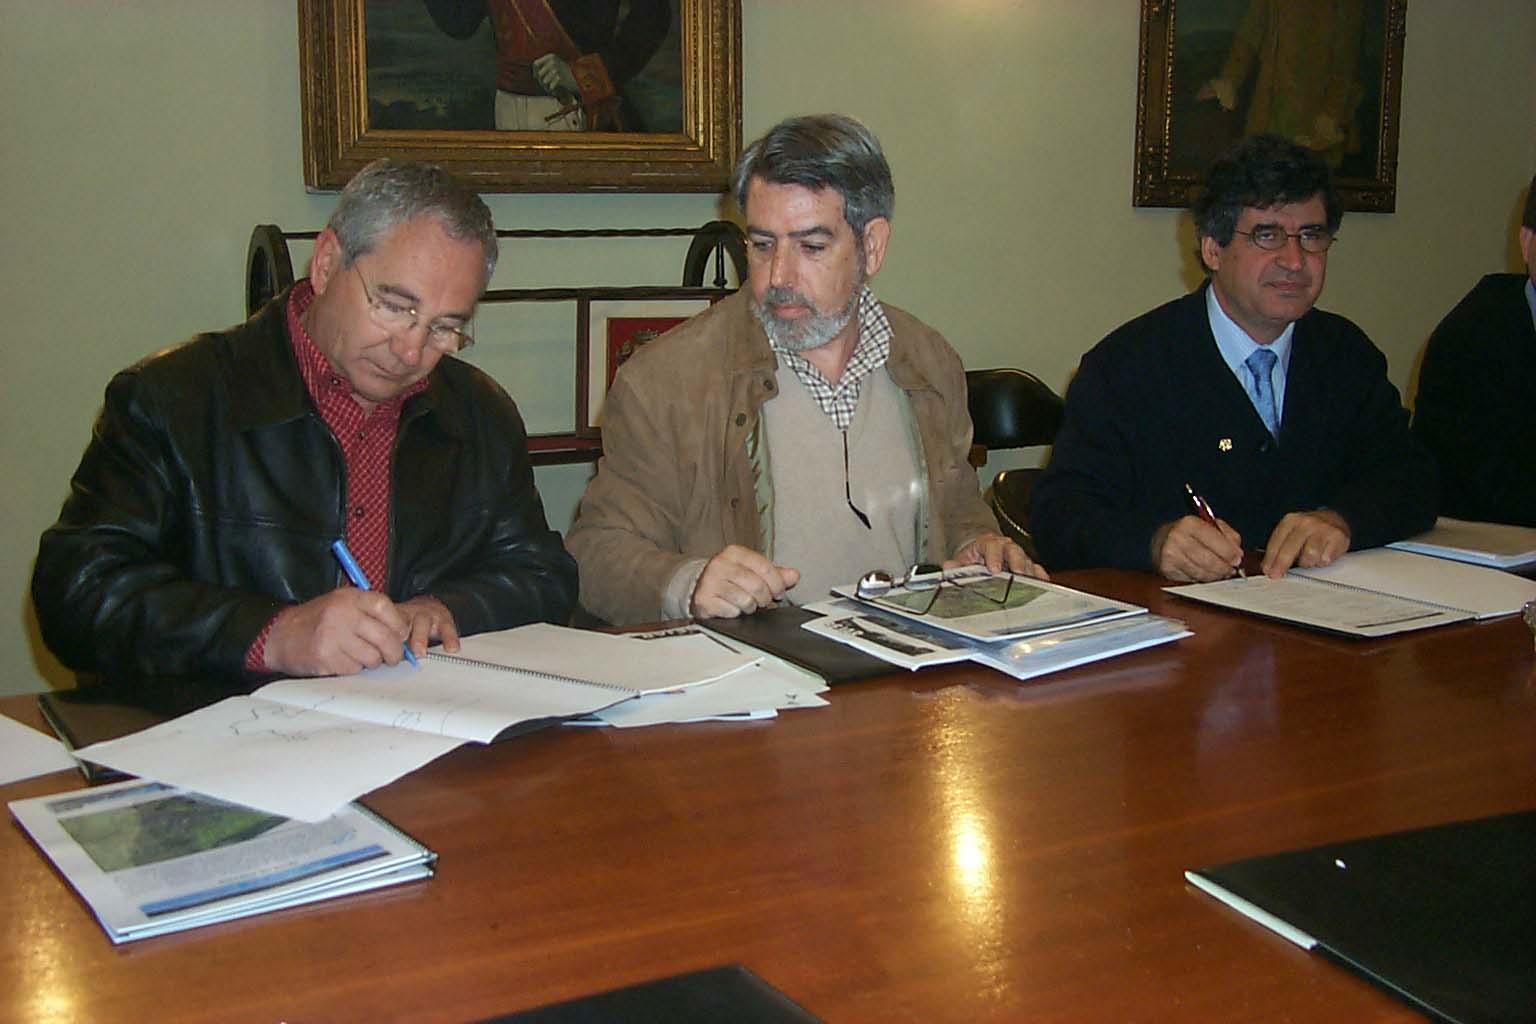 Francisco Montero y el alcalde firman el proyecto urbanistico en el ayuntamiento